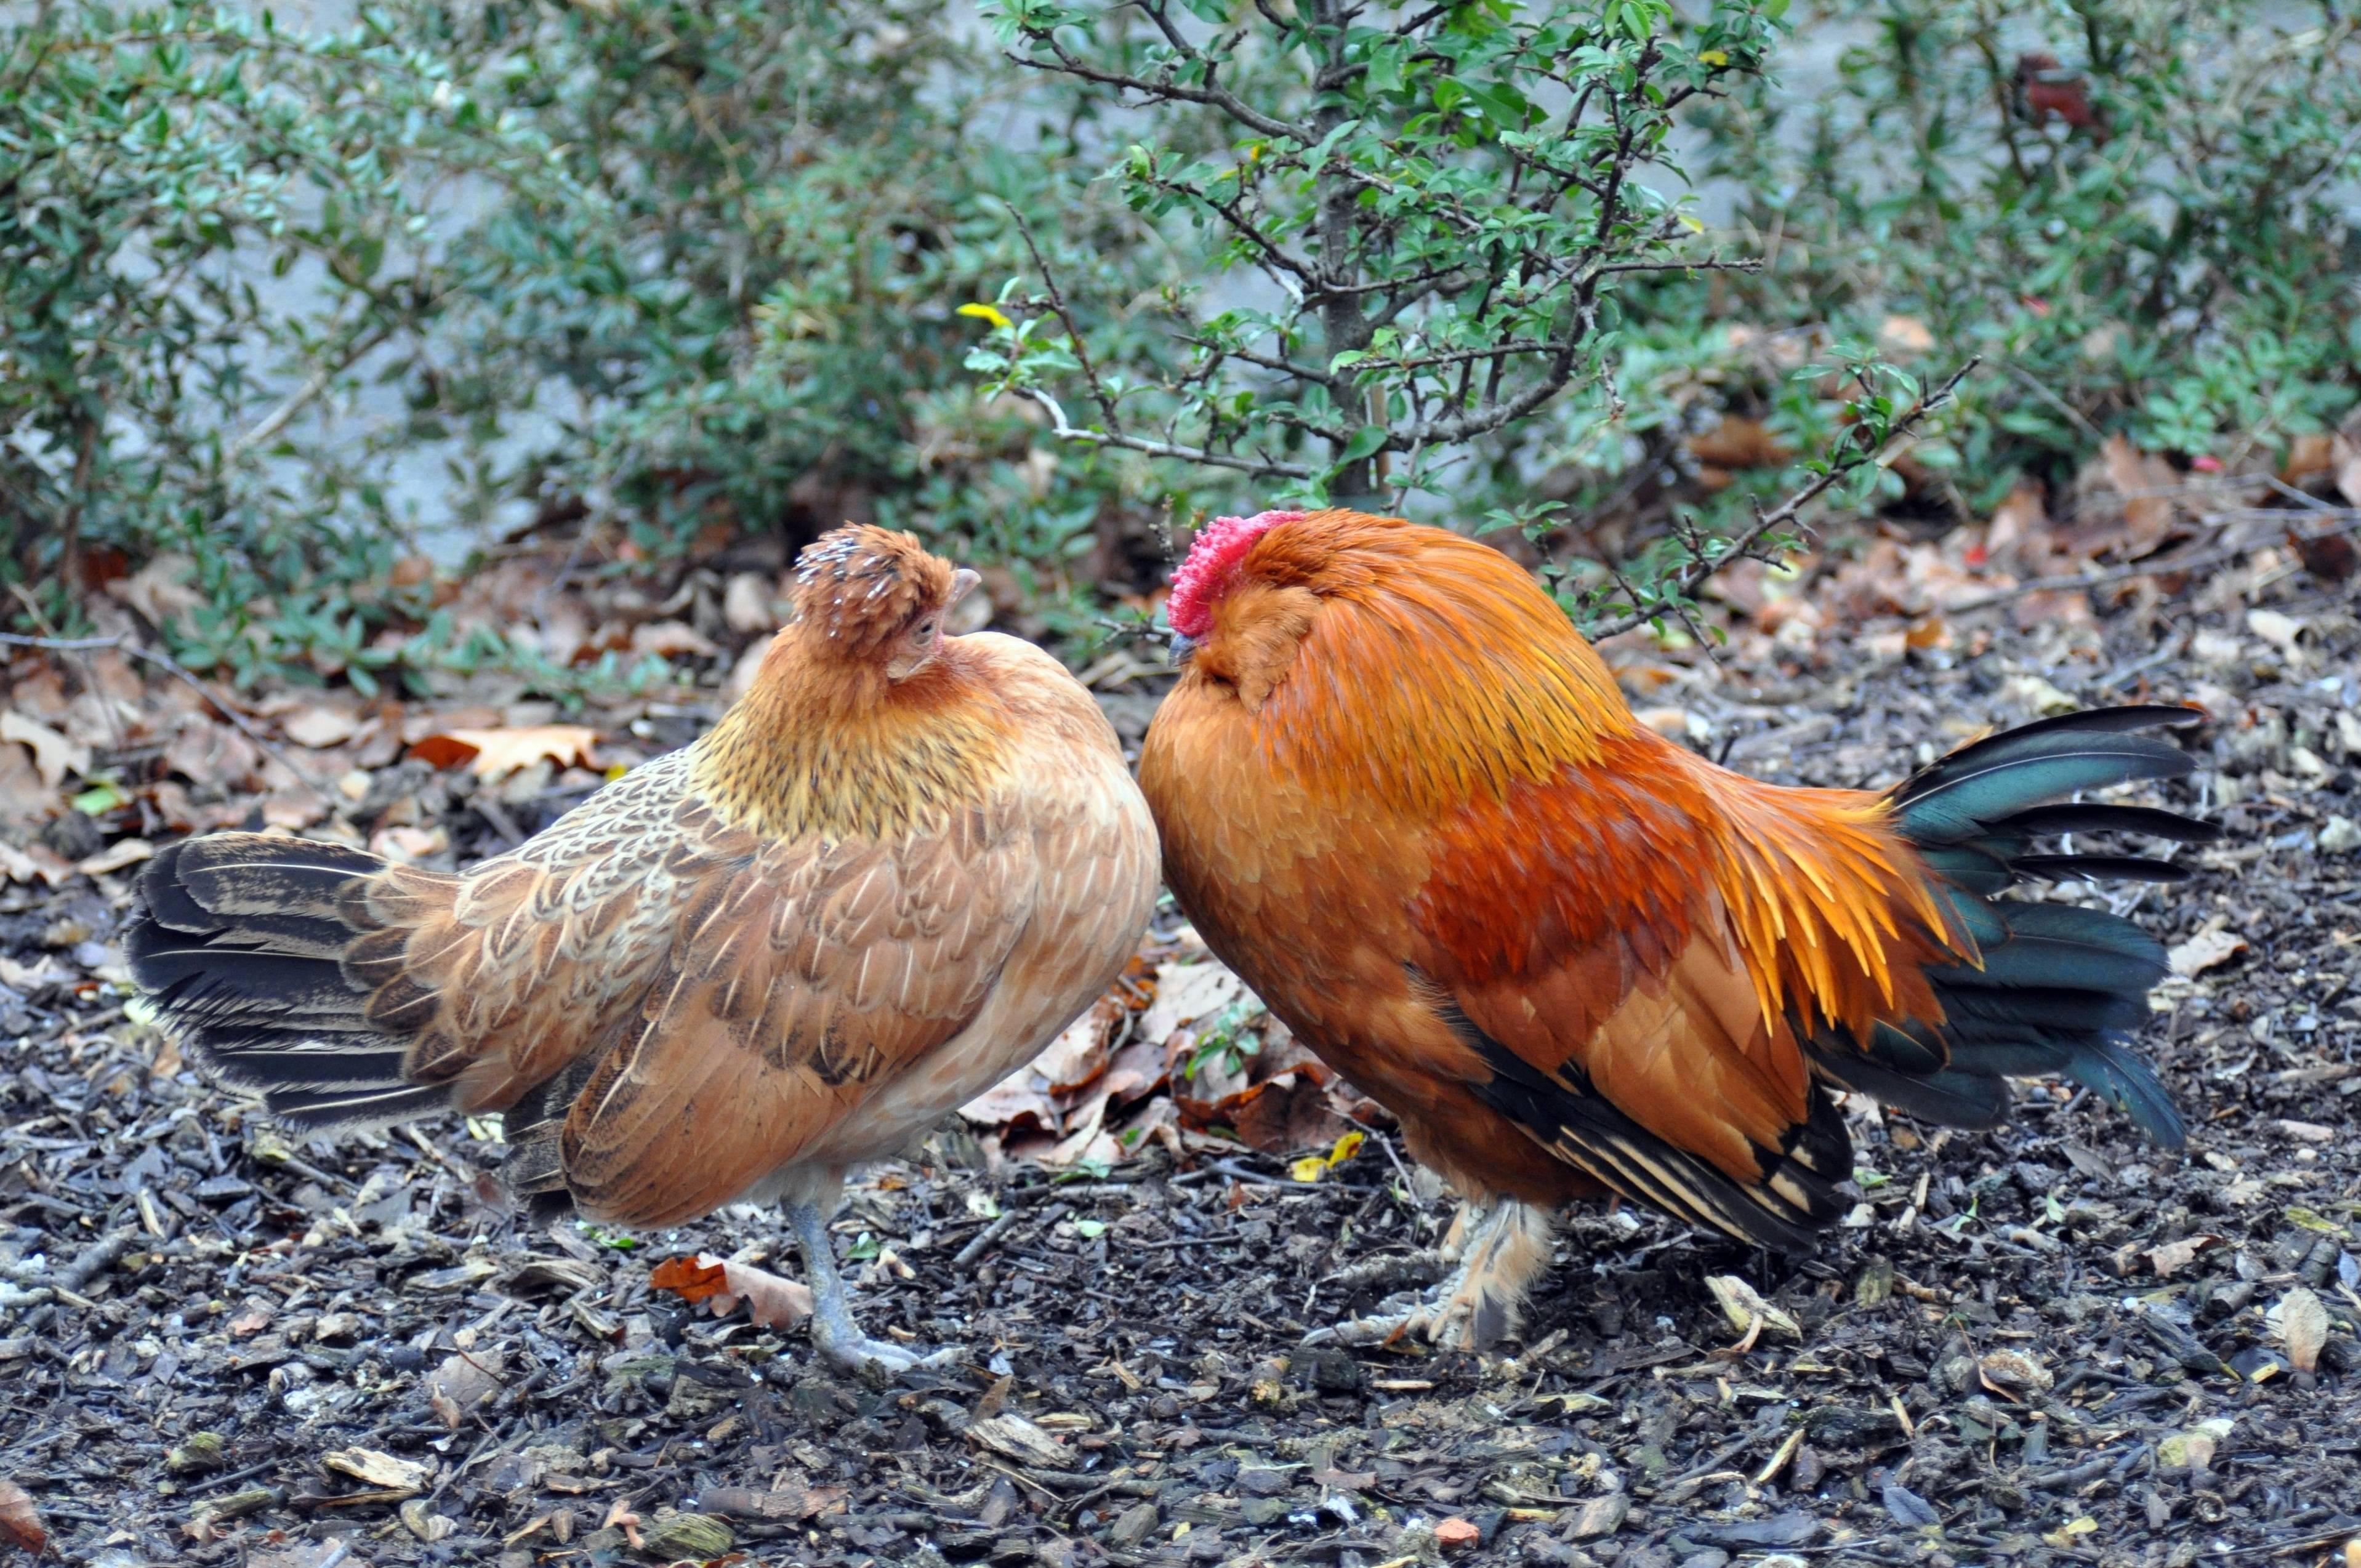 Дикие куры в природе — разновидности кур и их описание, фото